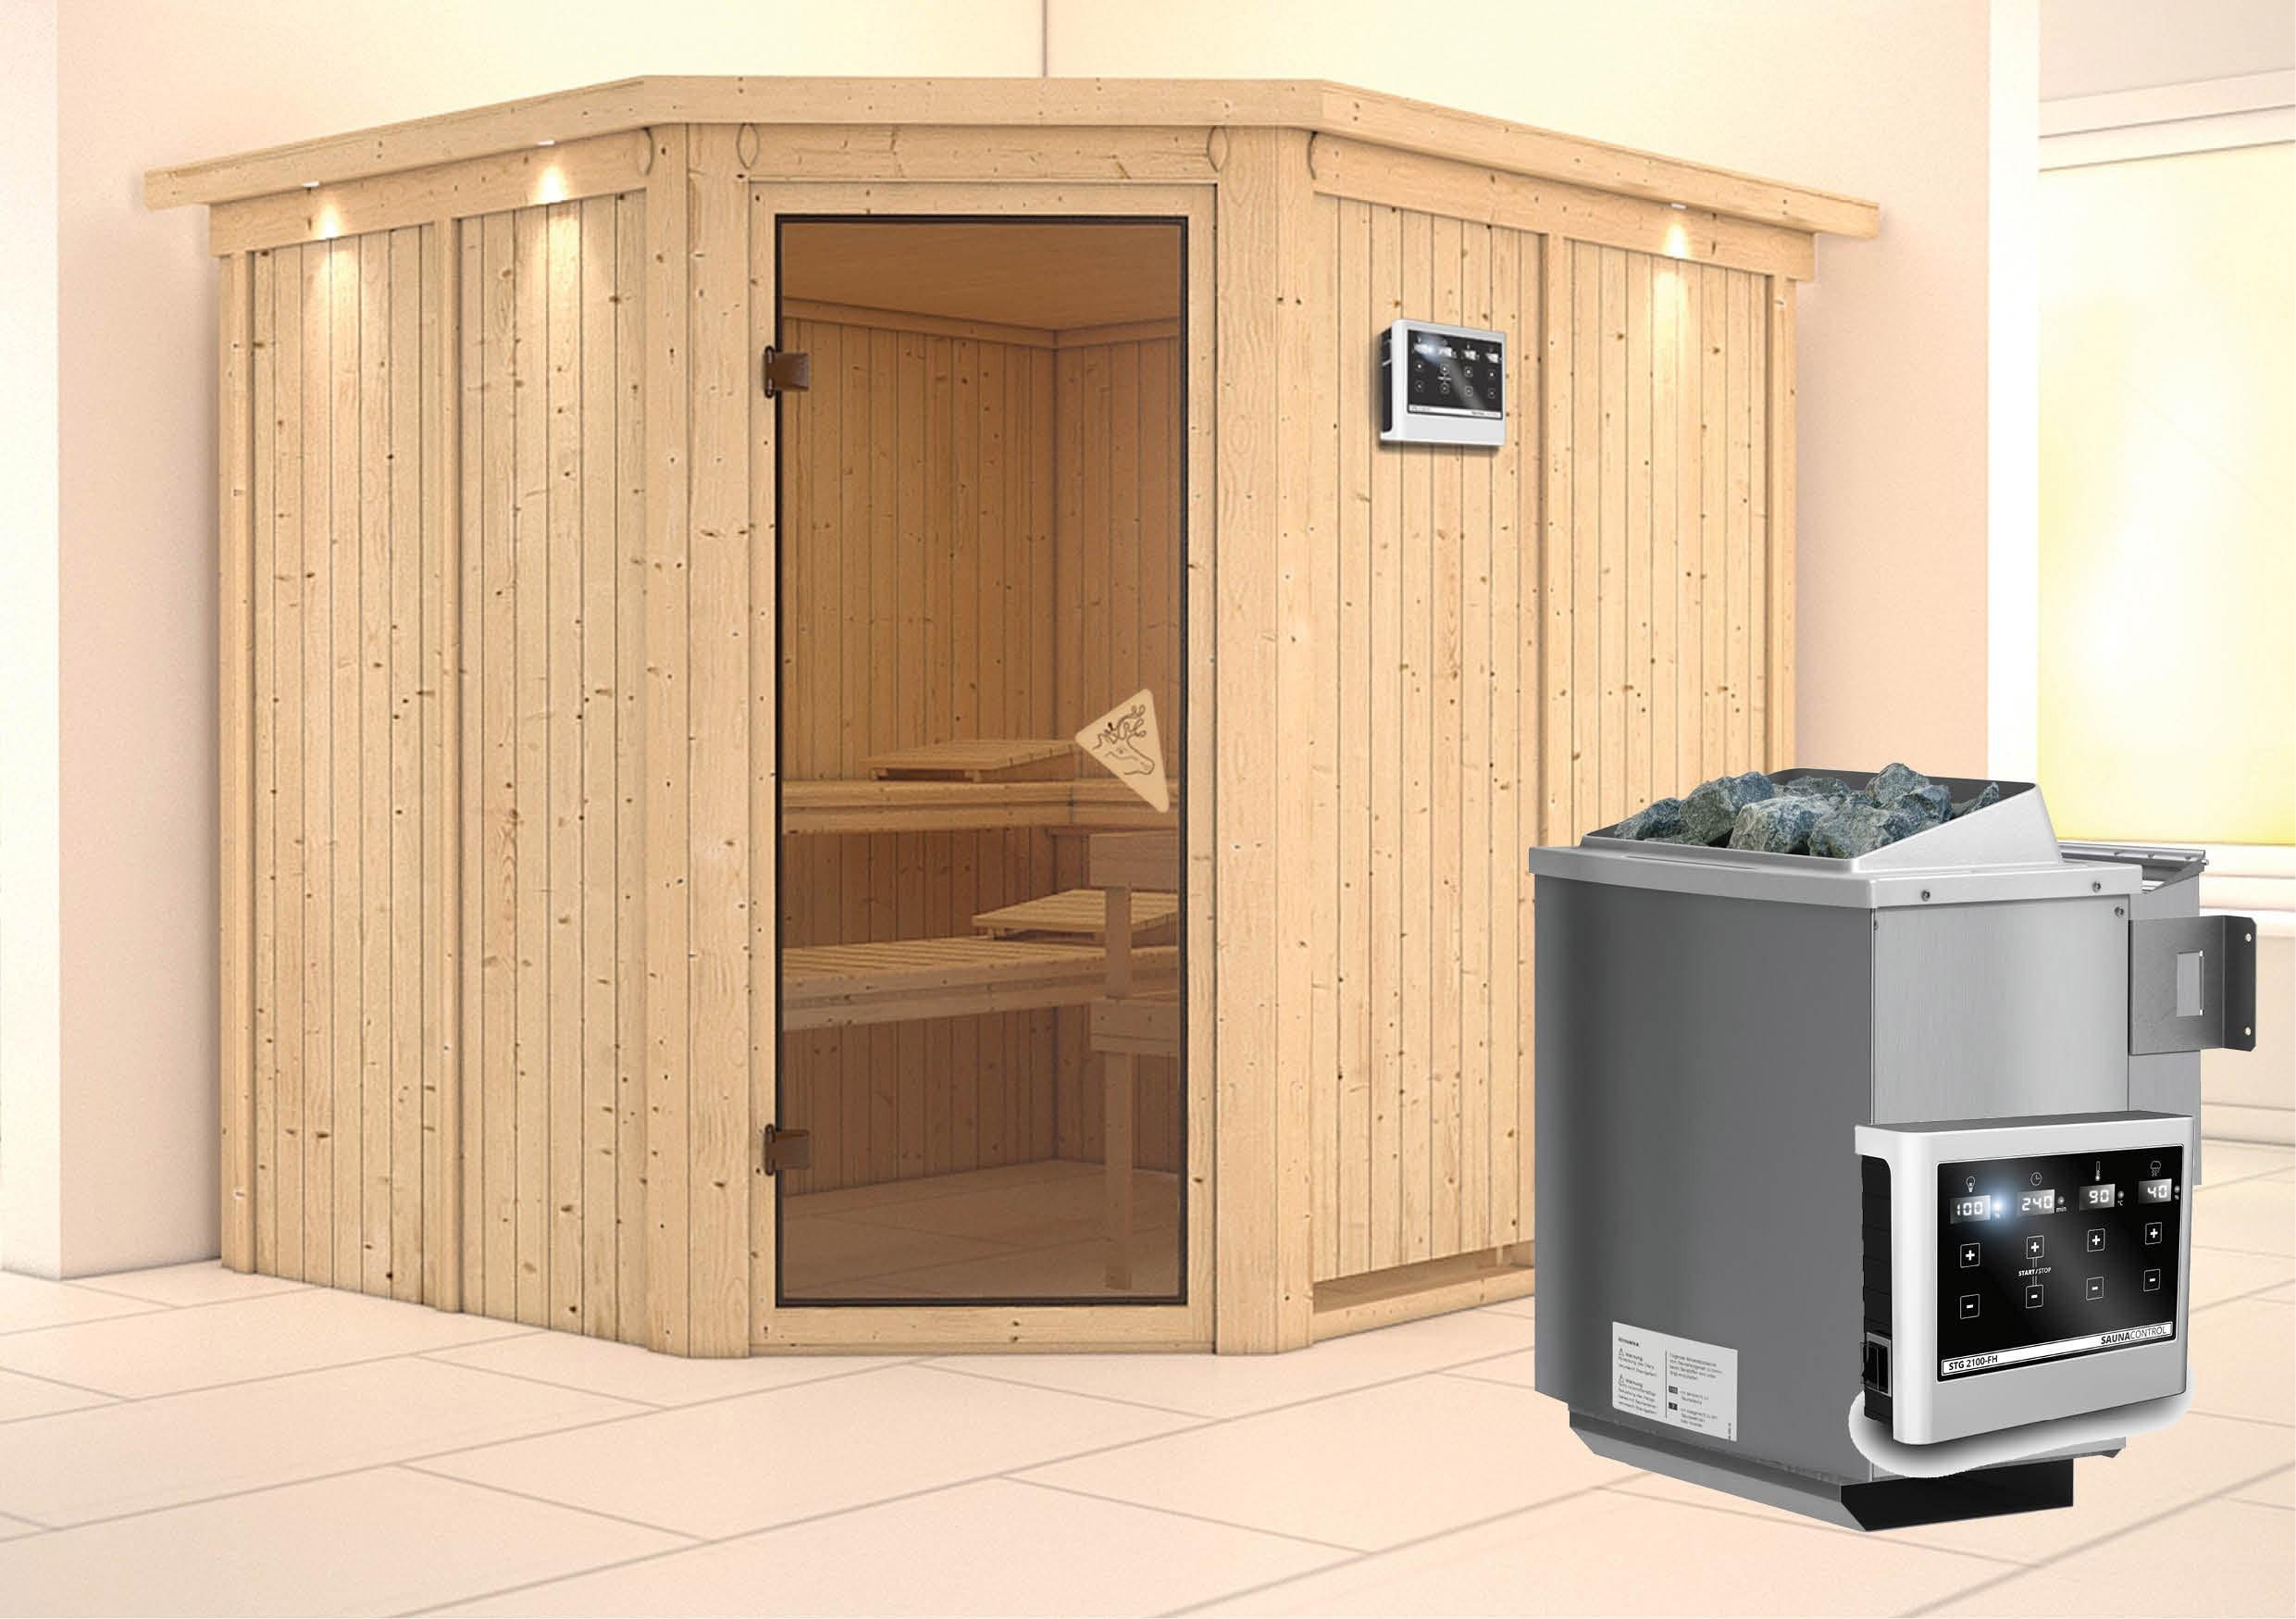 Karibu Sauna Malin 68mm Kranz Ofen 9kW Bio Tür classic Bild 1